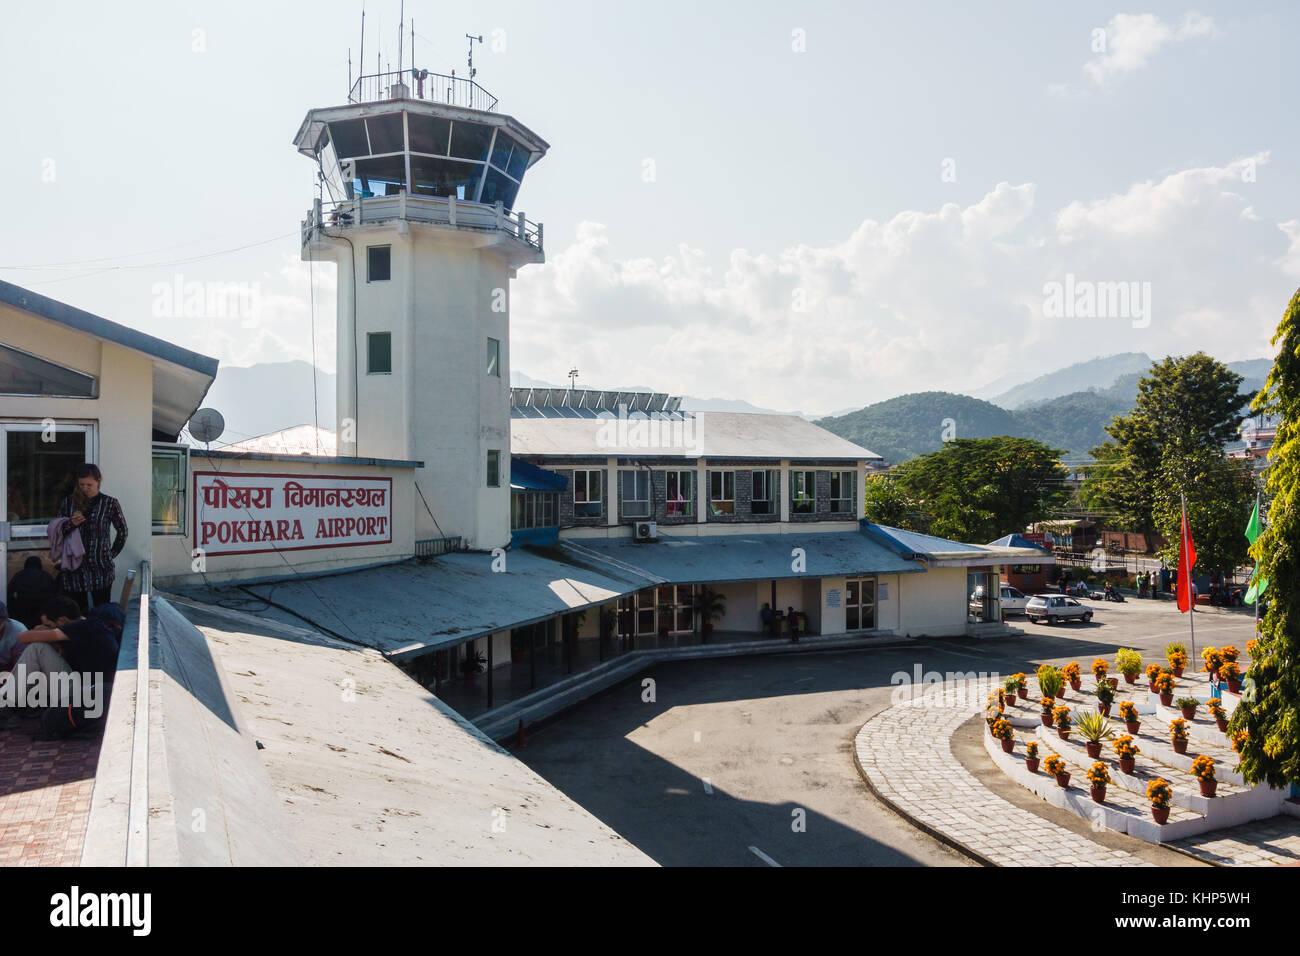 POKHARA, NEPAL - CIRCA NOVEMBER 2017: Pokhara airport and its air traffic control tower. - Stock Image